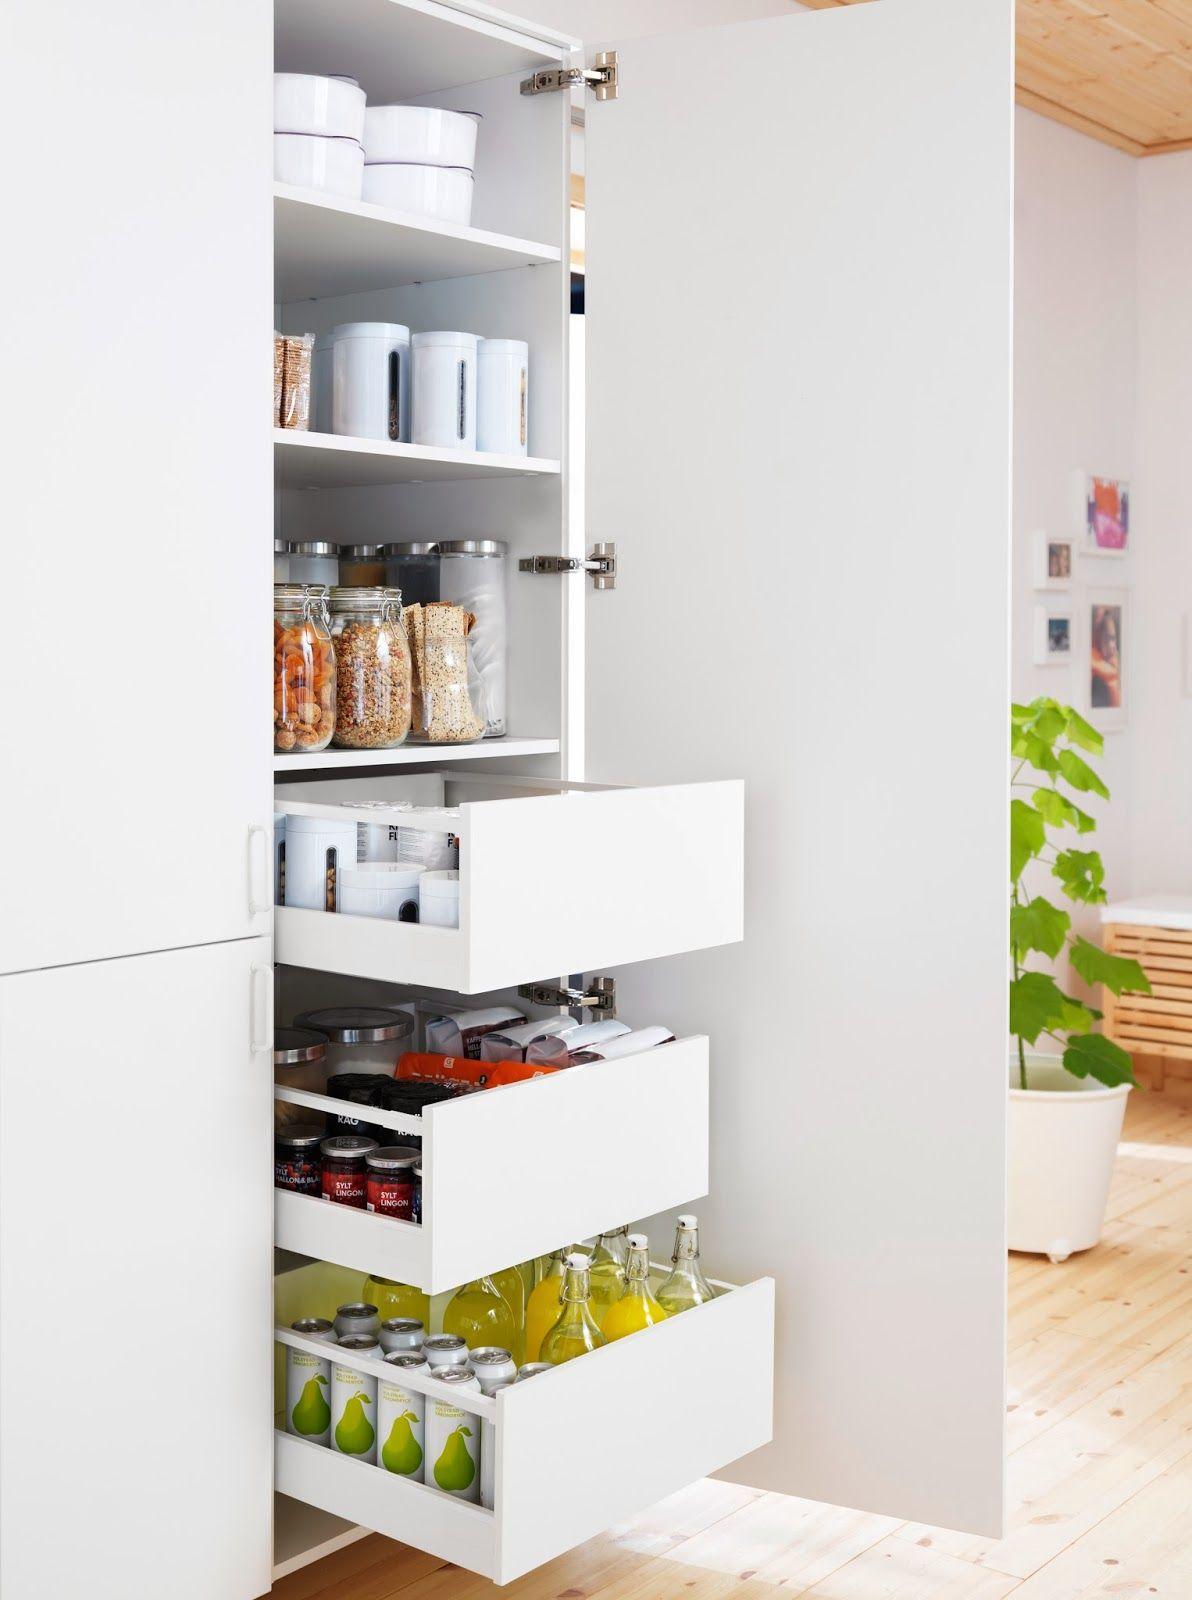 Idea Despensa Armarios Pinterest Ideas Despensa Despensa Y  ~ Accesorios Interior Armarios Cocina